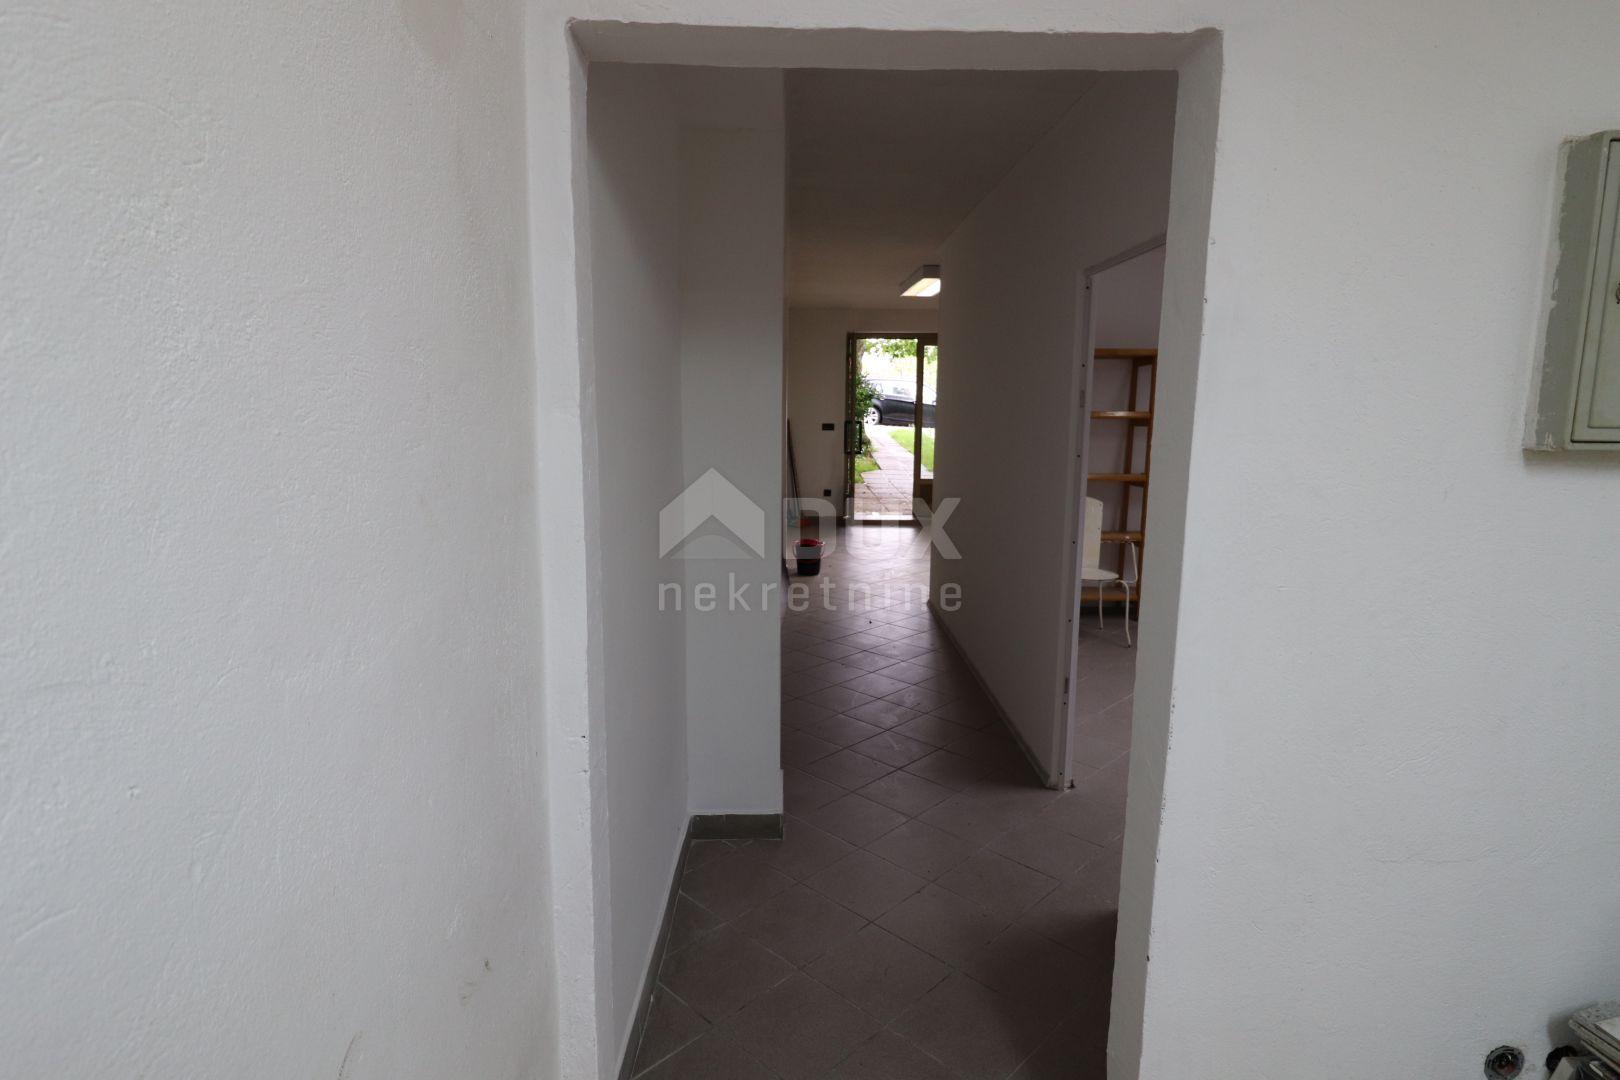 Poslovni prostor Hreljin, 70m2